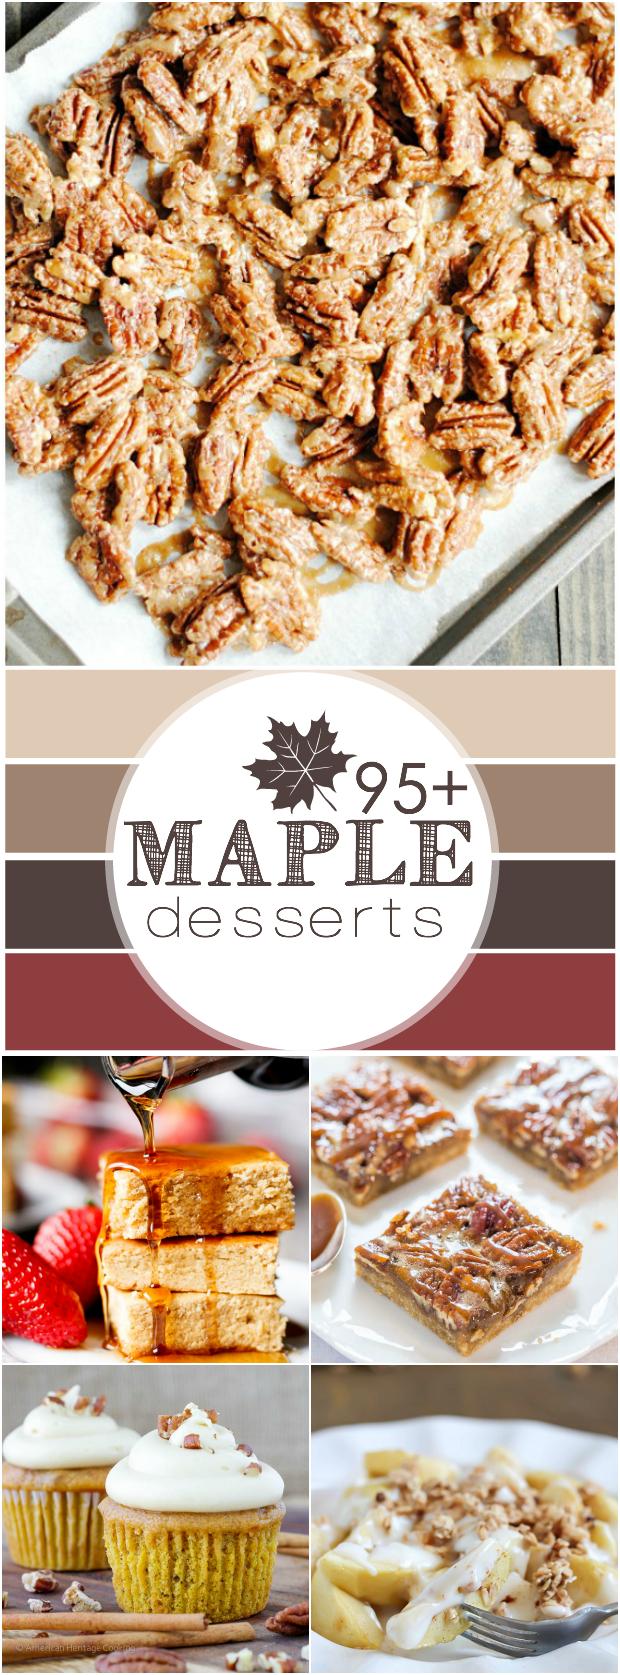 95+ Maple Dessert Recipes